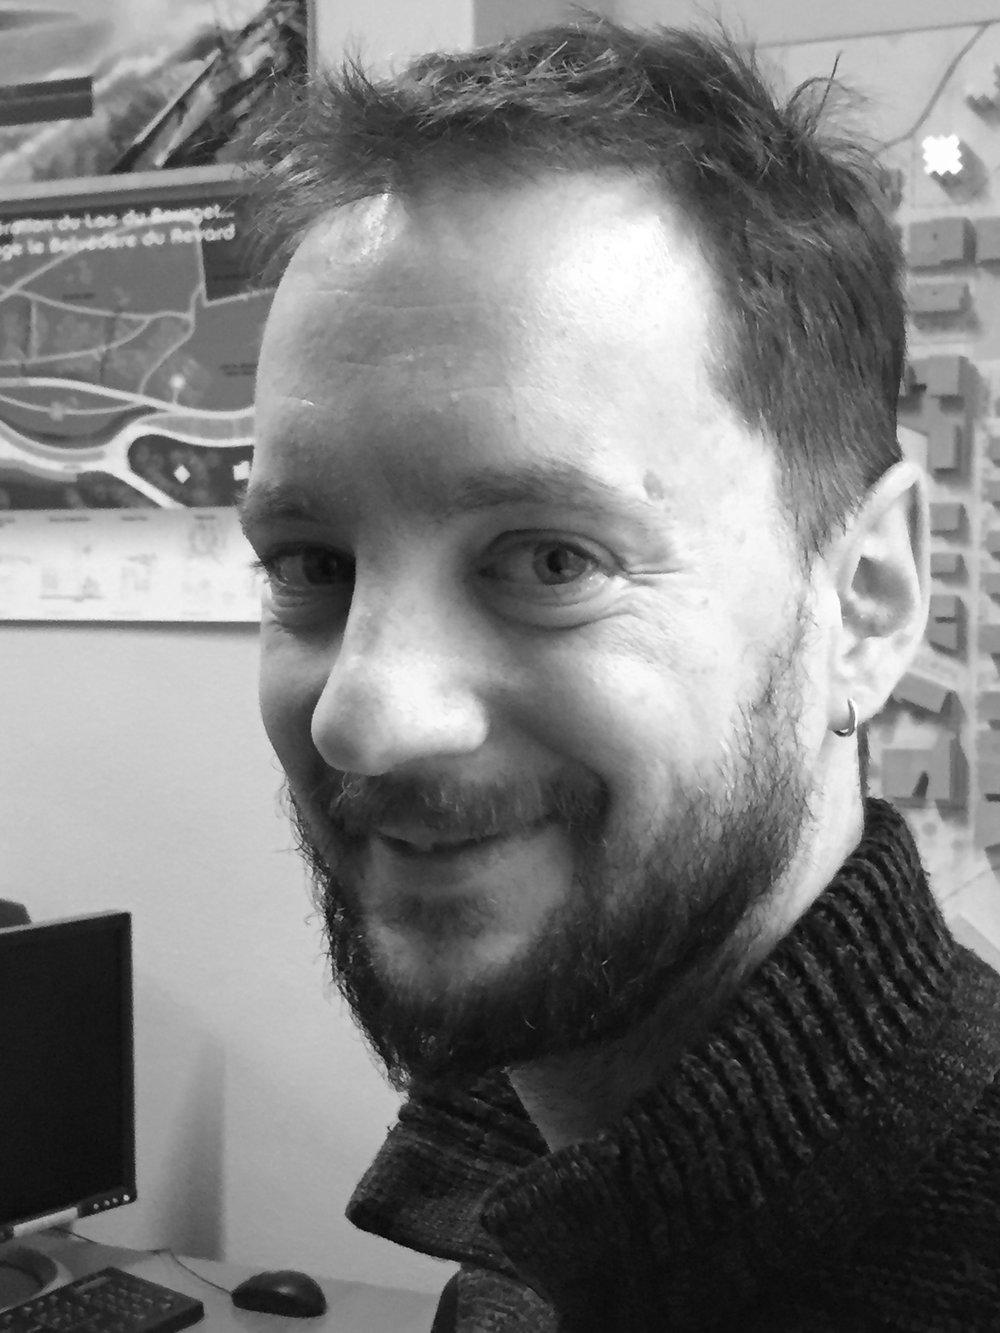 Félix Balas, technicien supérieur  / maîtrise en sciences et technologie des arts et techniques de l'industrie du bois et de l'ameublement, dessinateur infographiste. Chef de projet, suivi études et chantiers.Travaille  à l'atelier RITZ depuis 2002 .